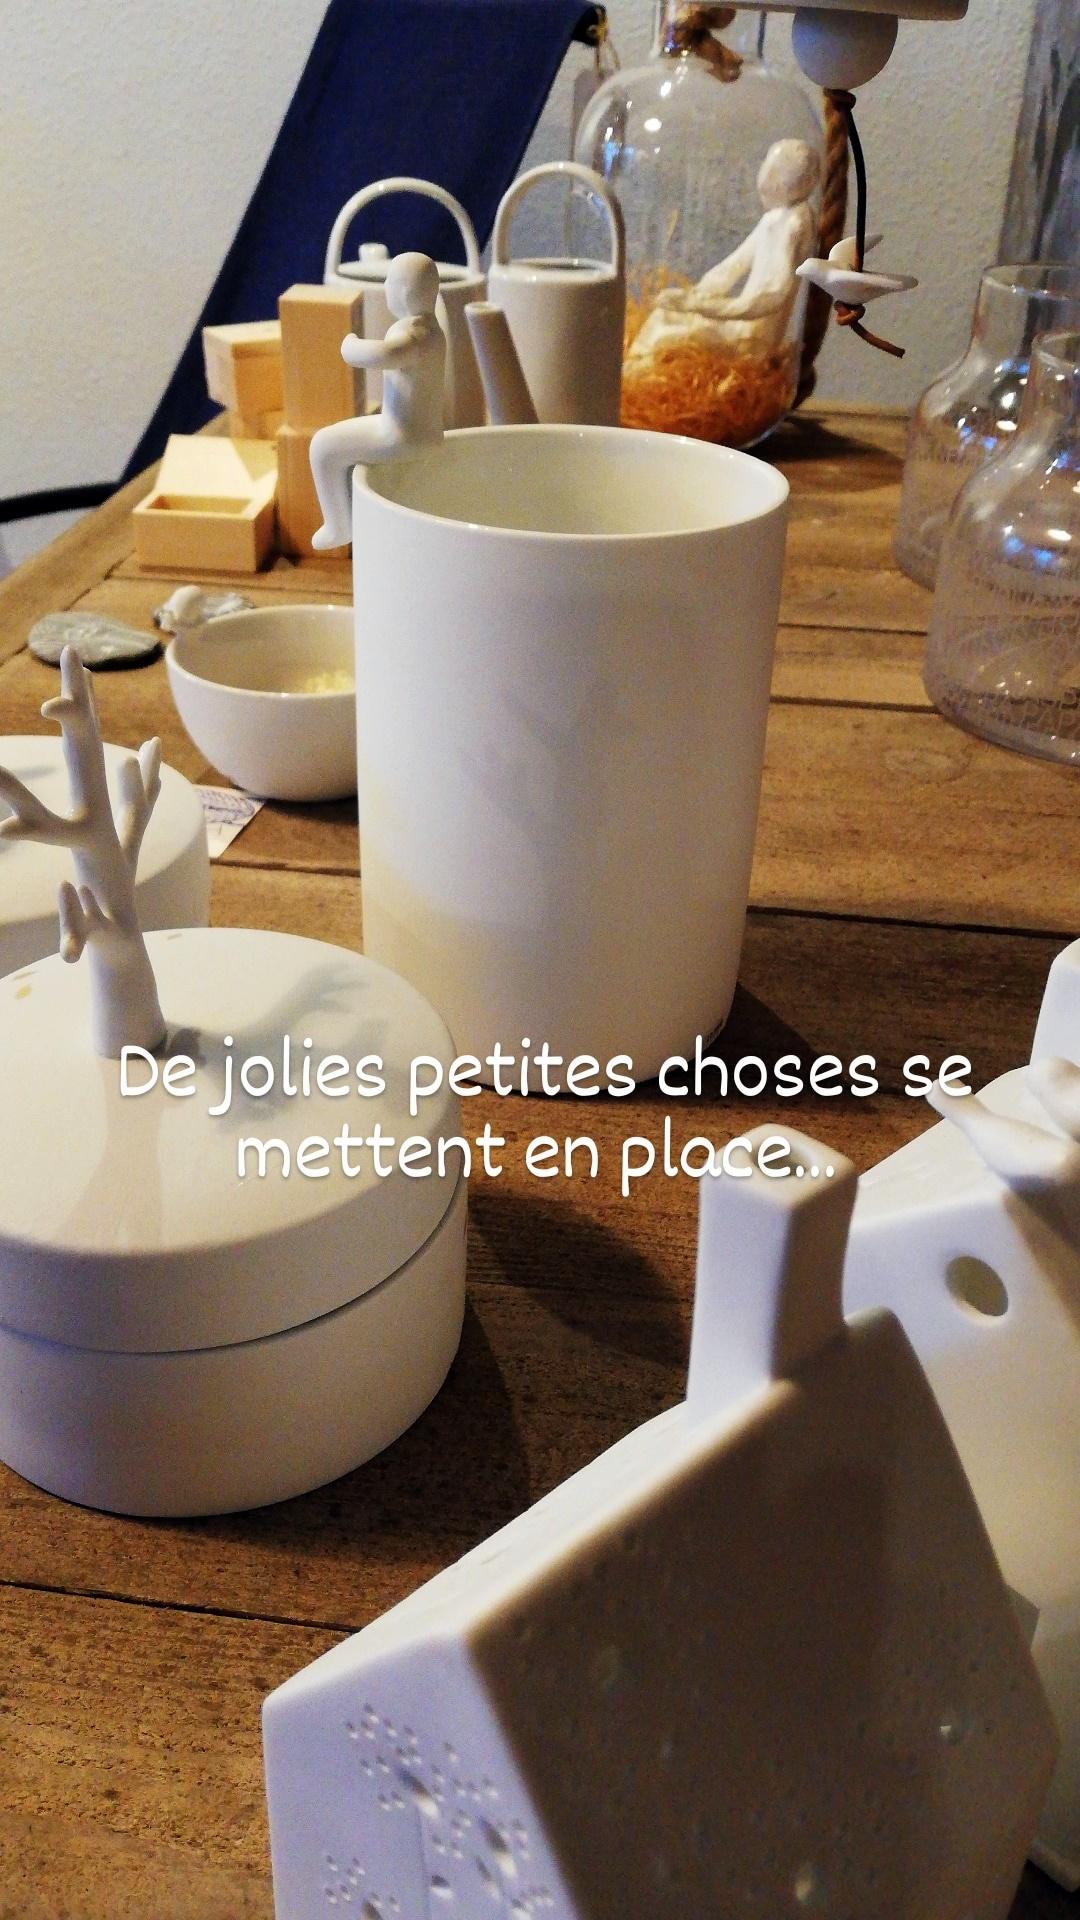 Les porcelaines de RÄDER